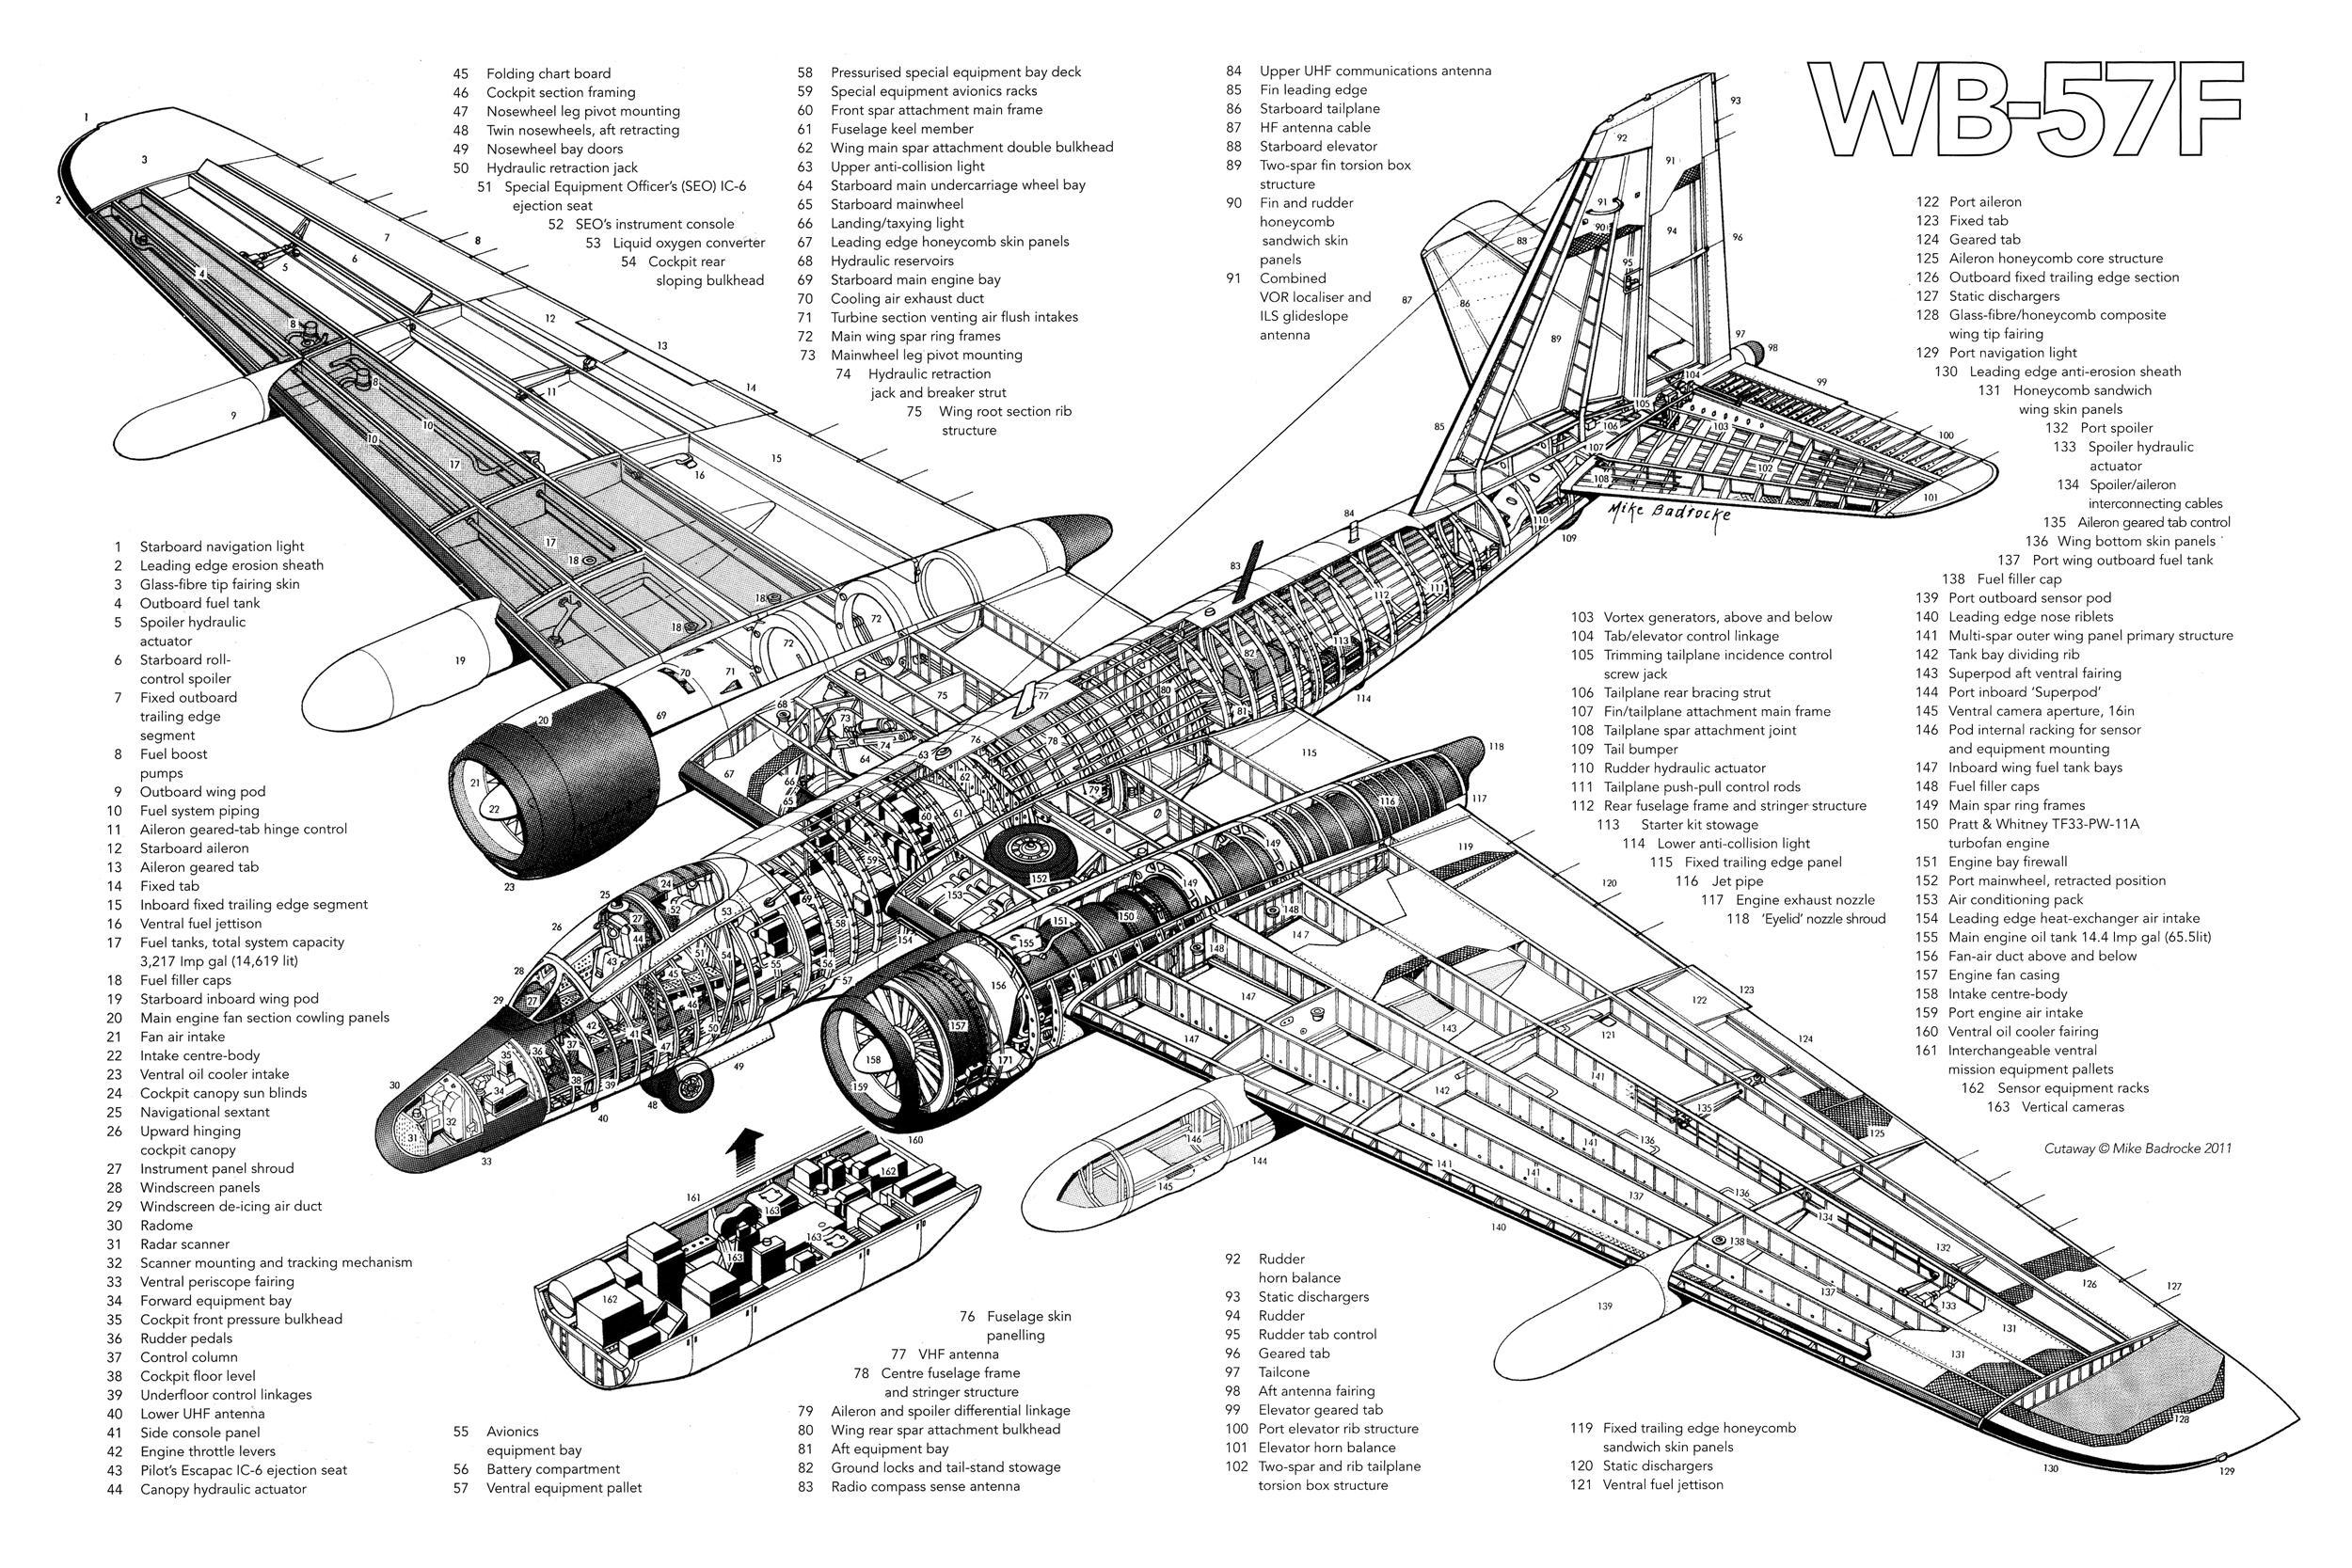 Martin Wb 57f Canberra By Mike Badrocke X Cutaway